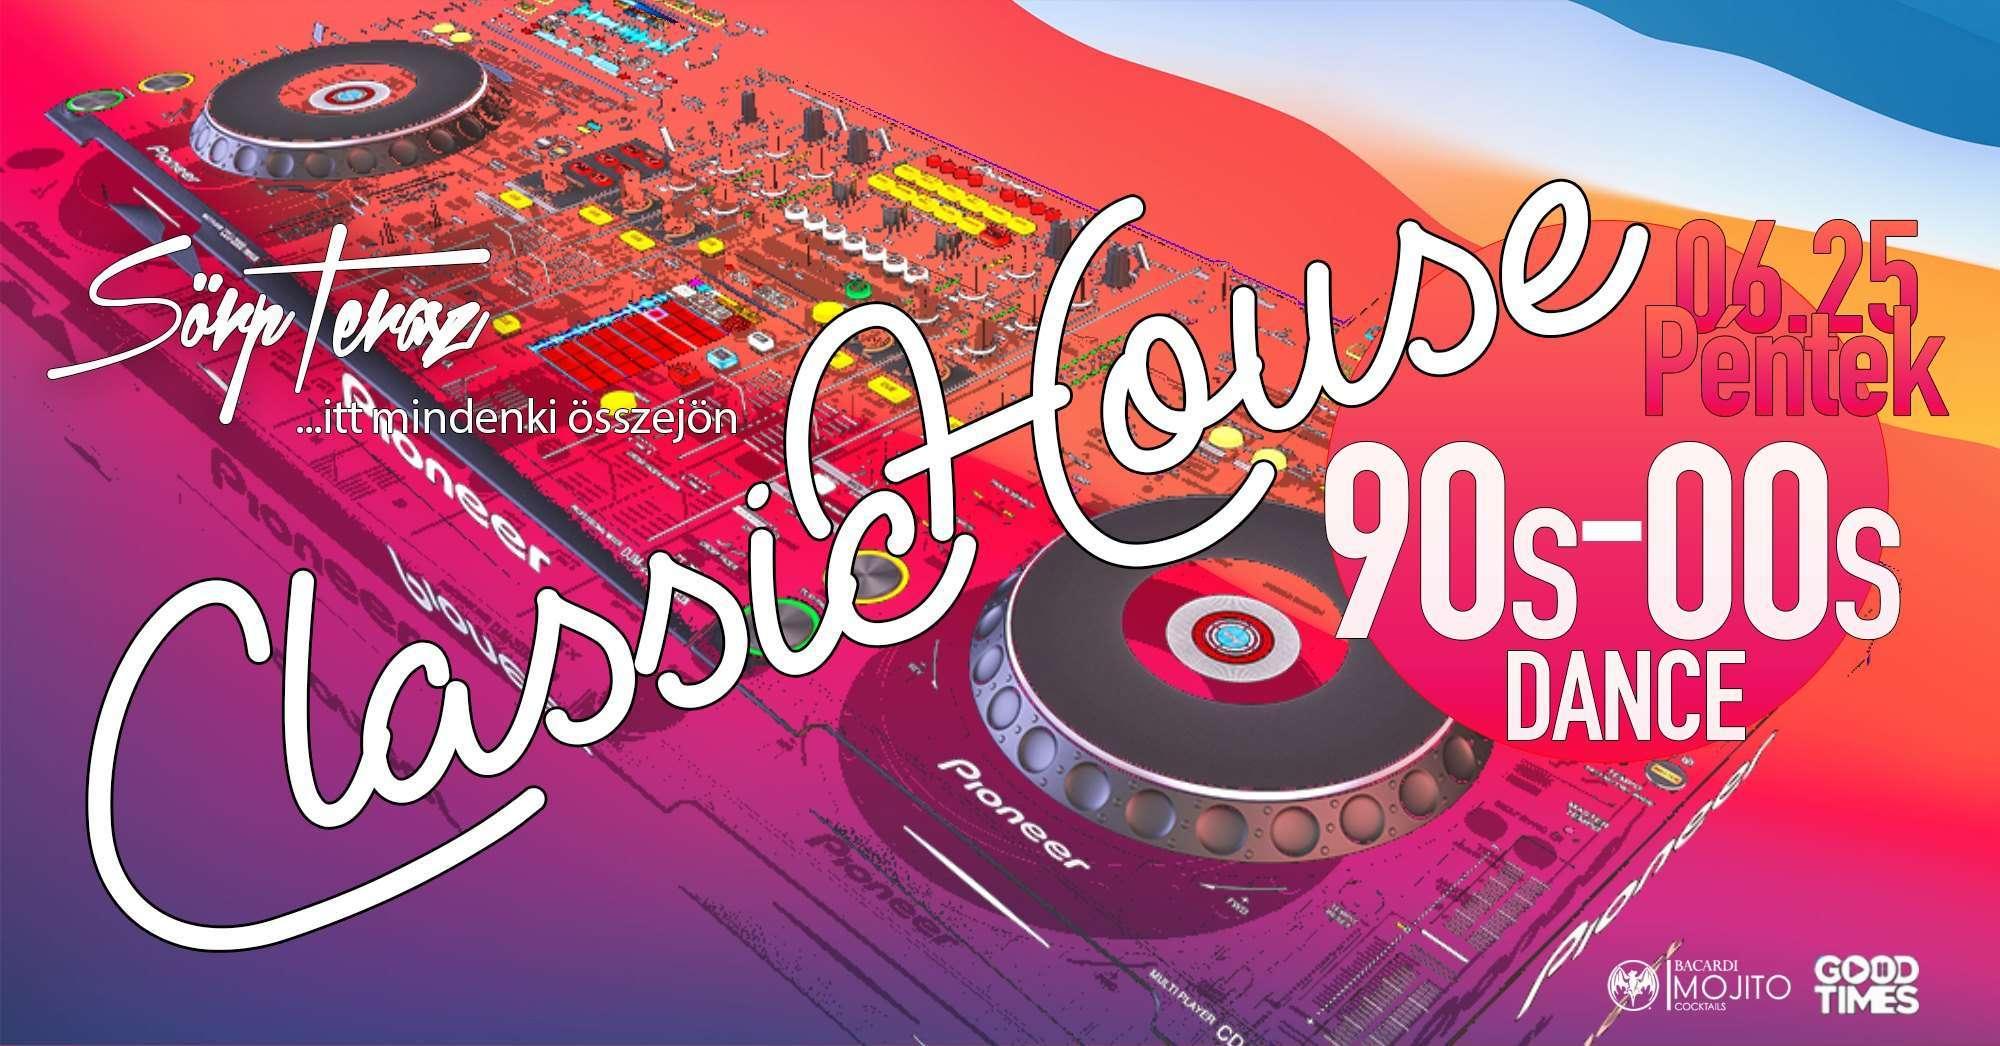 classic-house-06-25-szorpterasz